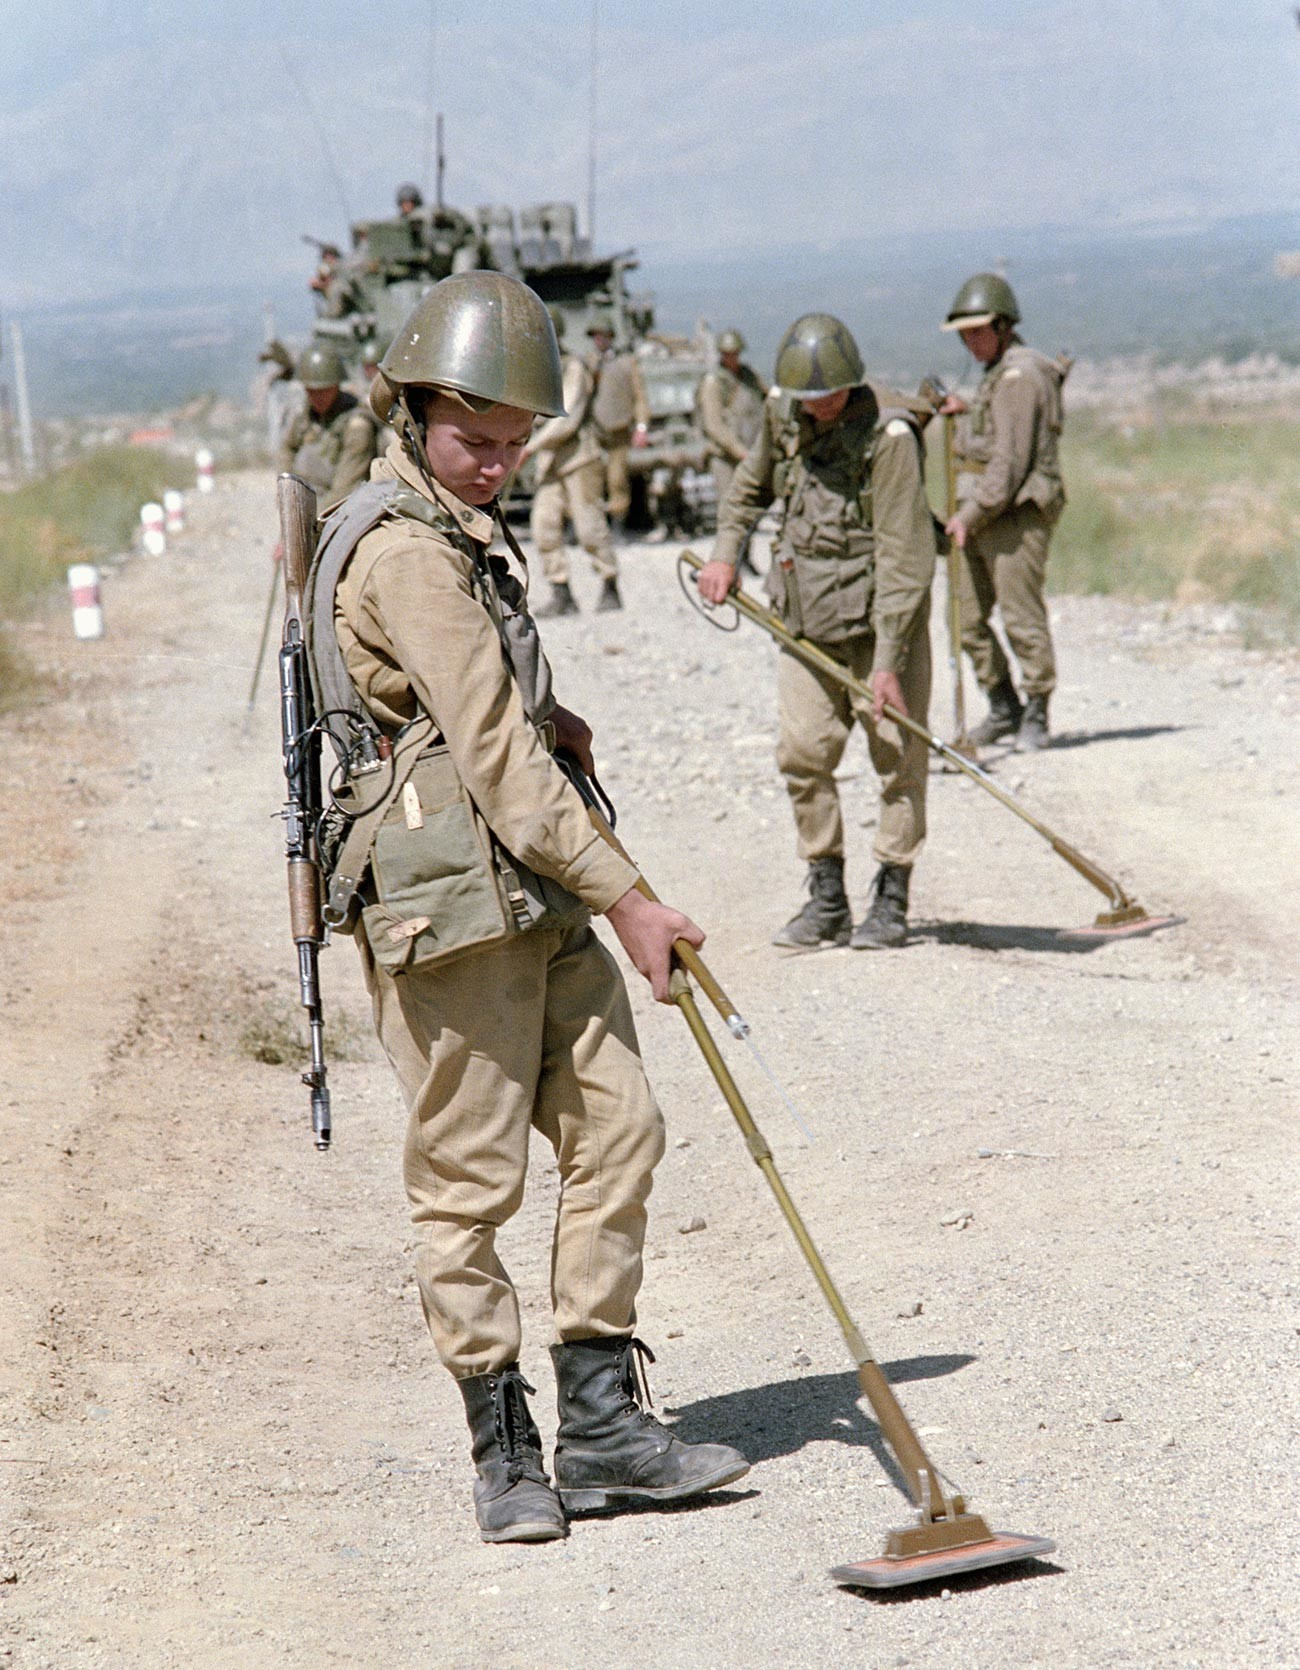 Des démineurs soviétiques exploitent la route en Afghanistan